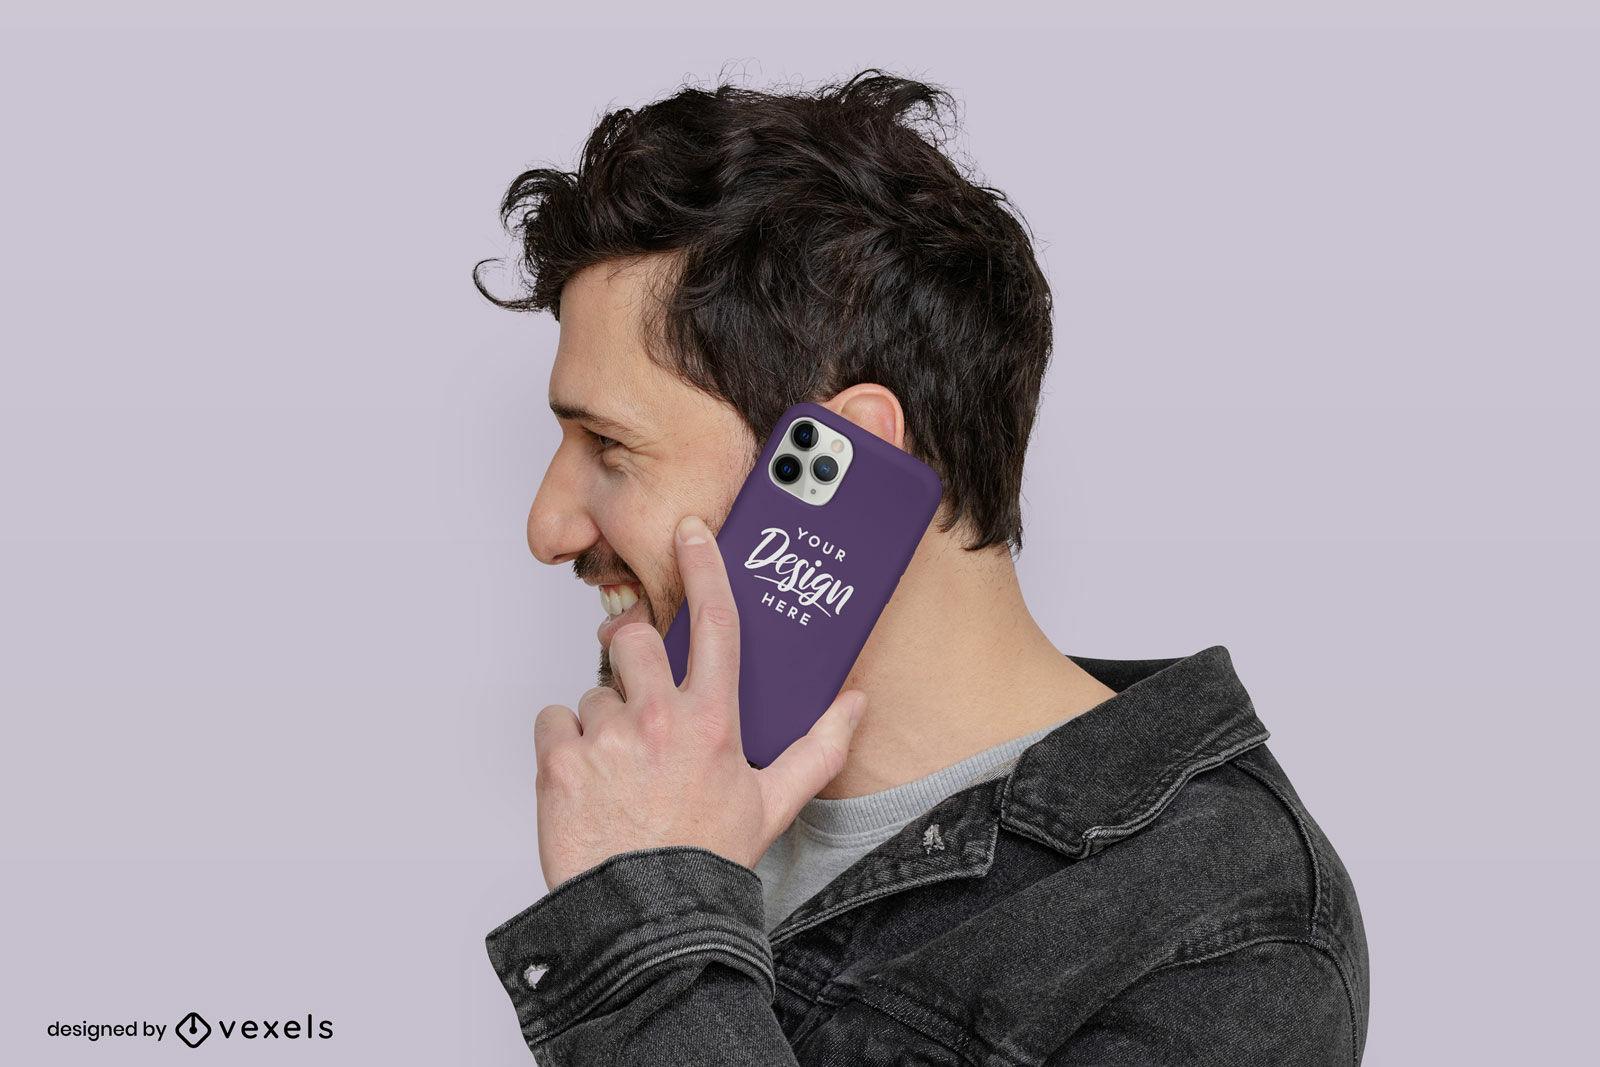 Lila Telefonkastenmodell des Mannes im flachen Hintergrund